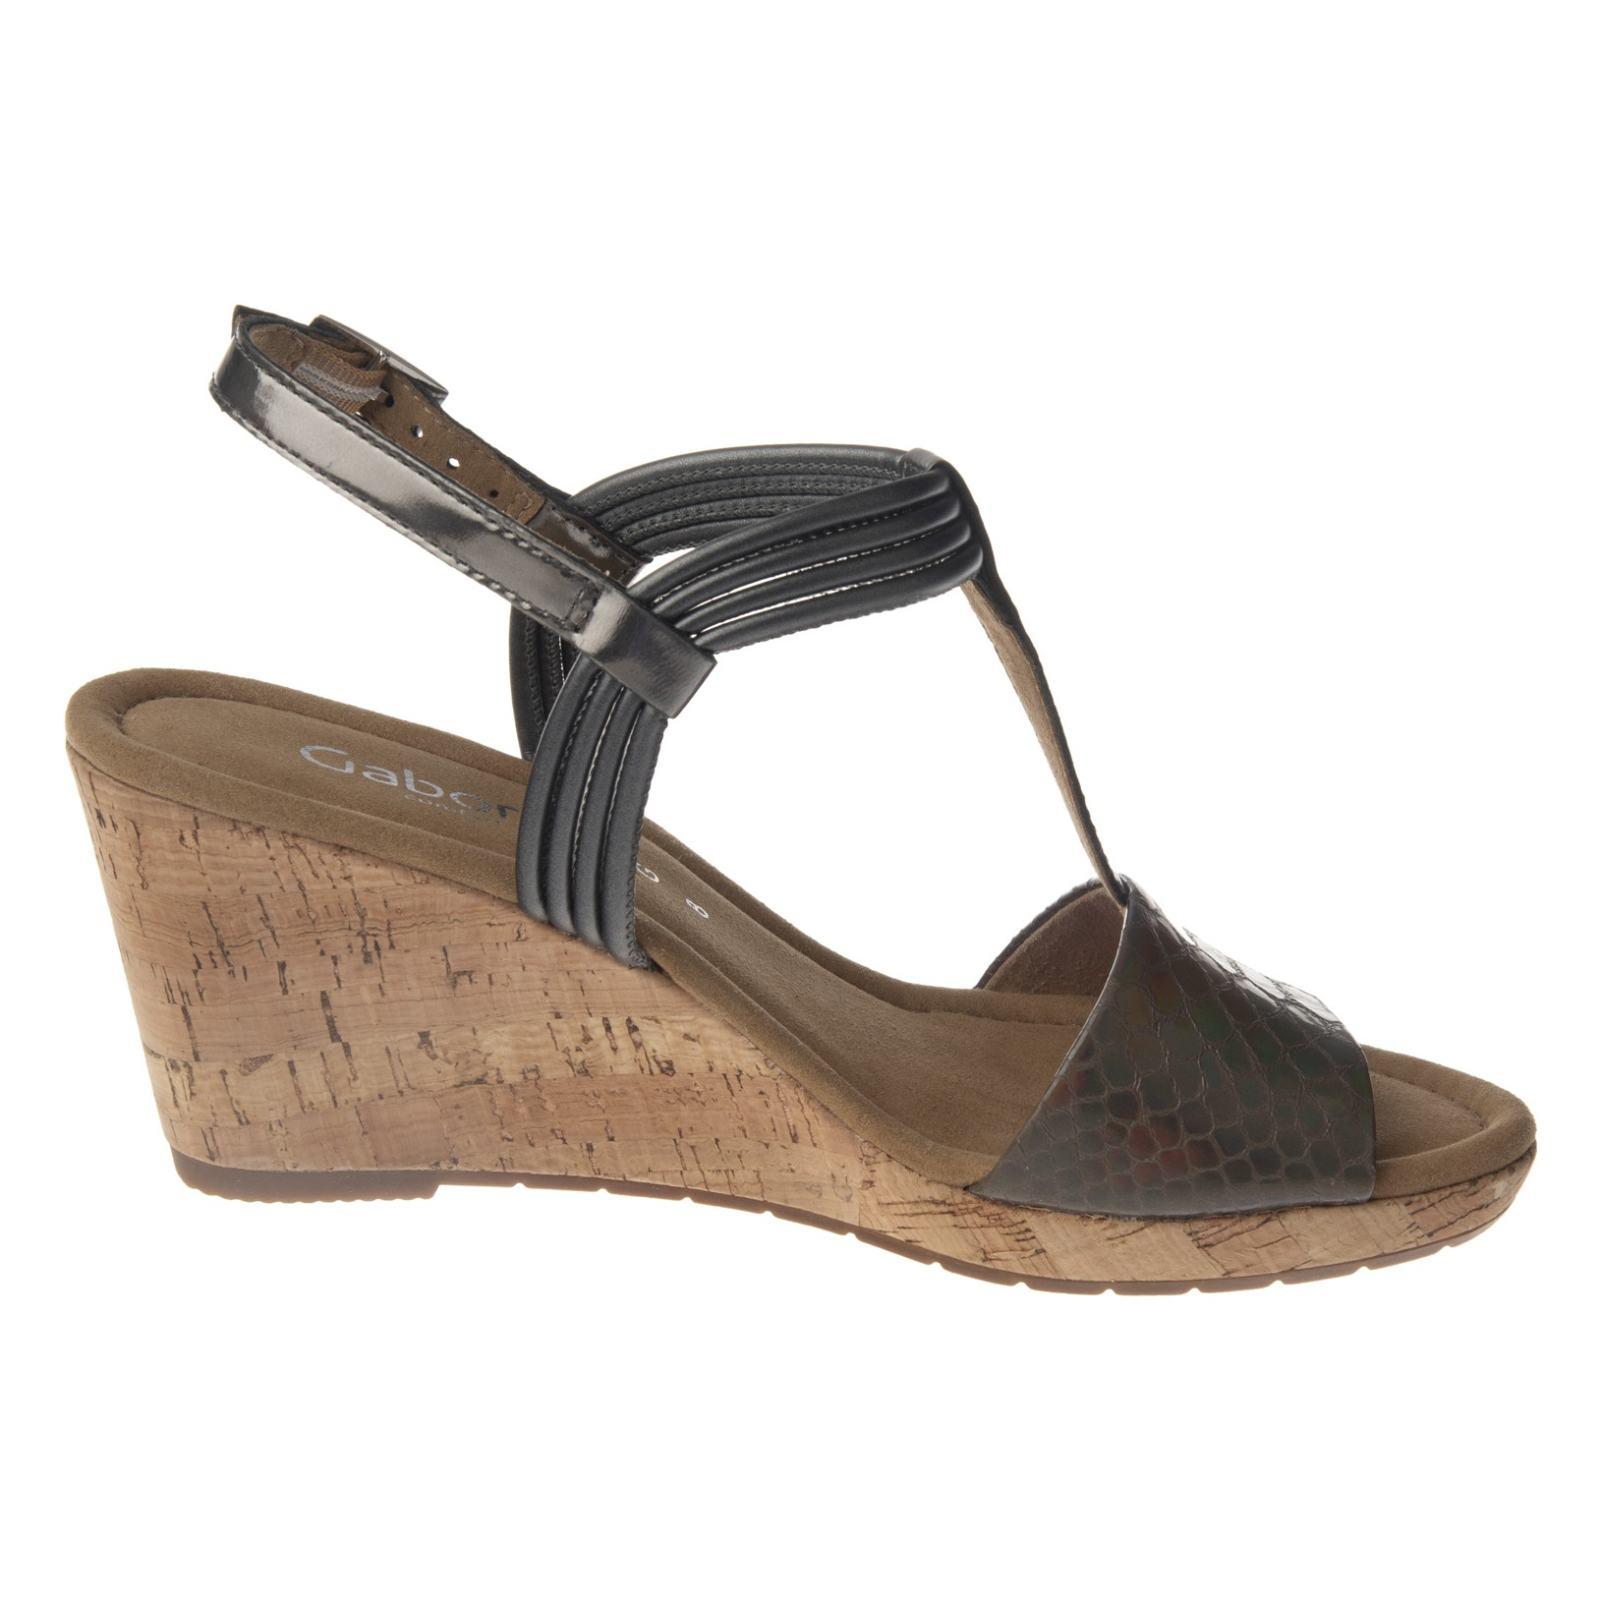 کفش زنانه گابور مدل 62.828.85 main 1 2